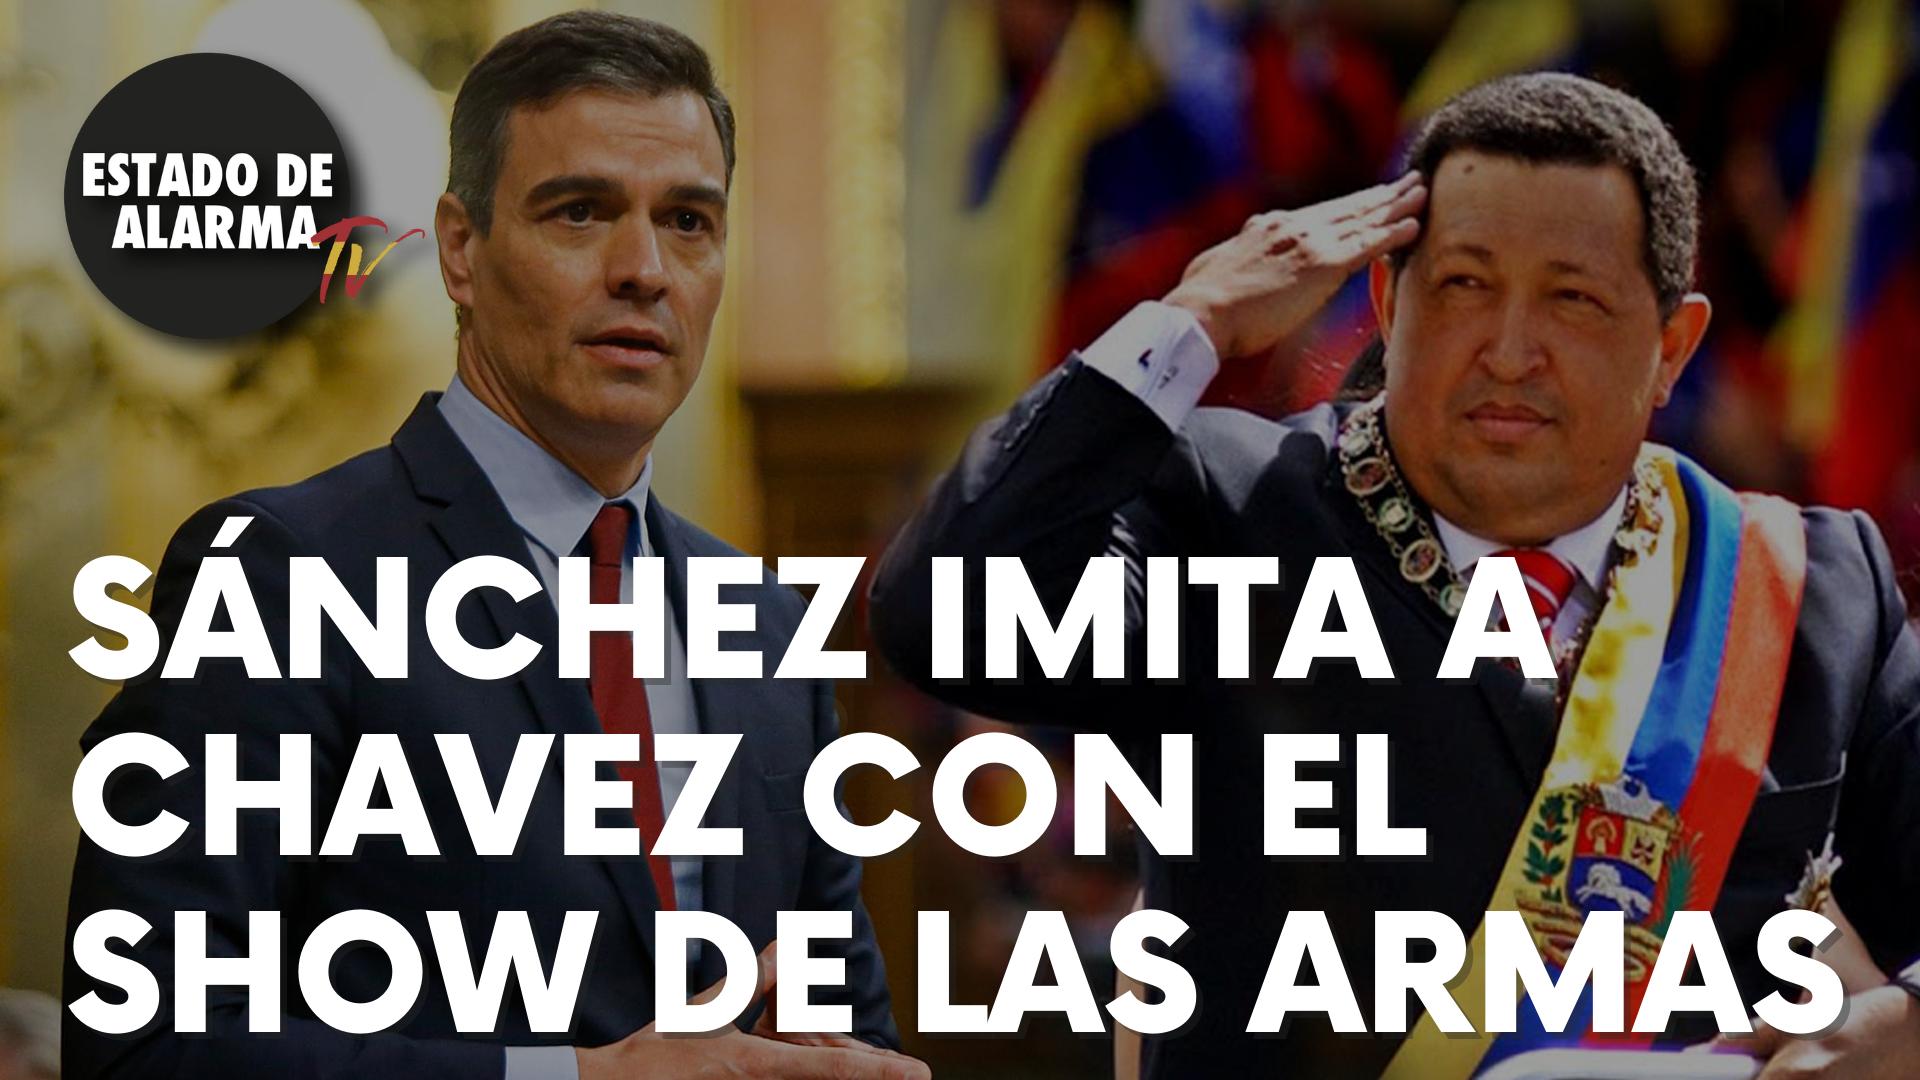 Sánchez imita a Hugo Chávez con el show de las armas